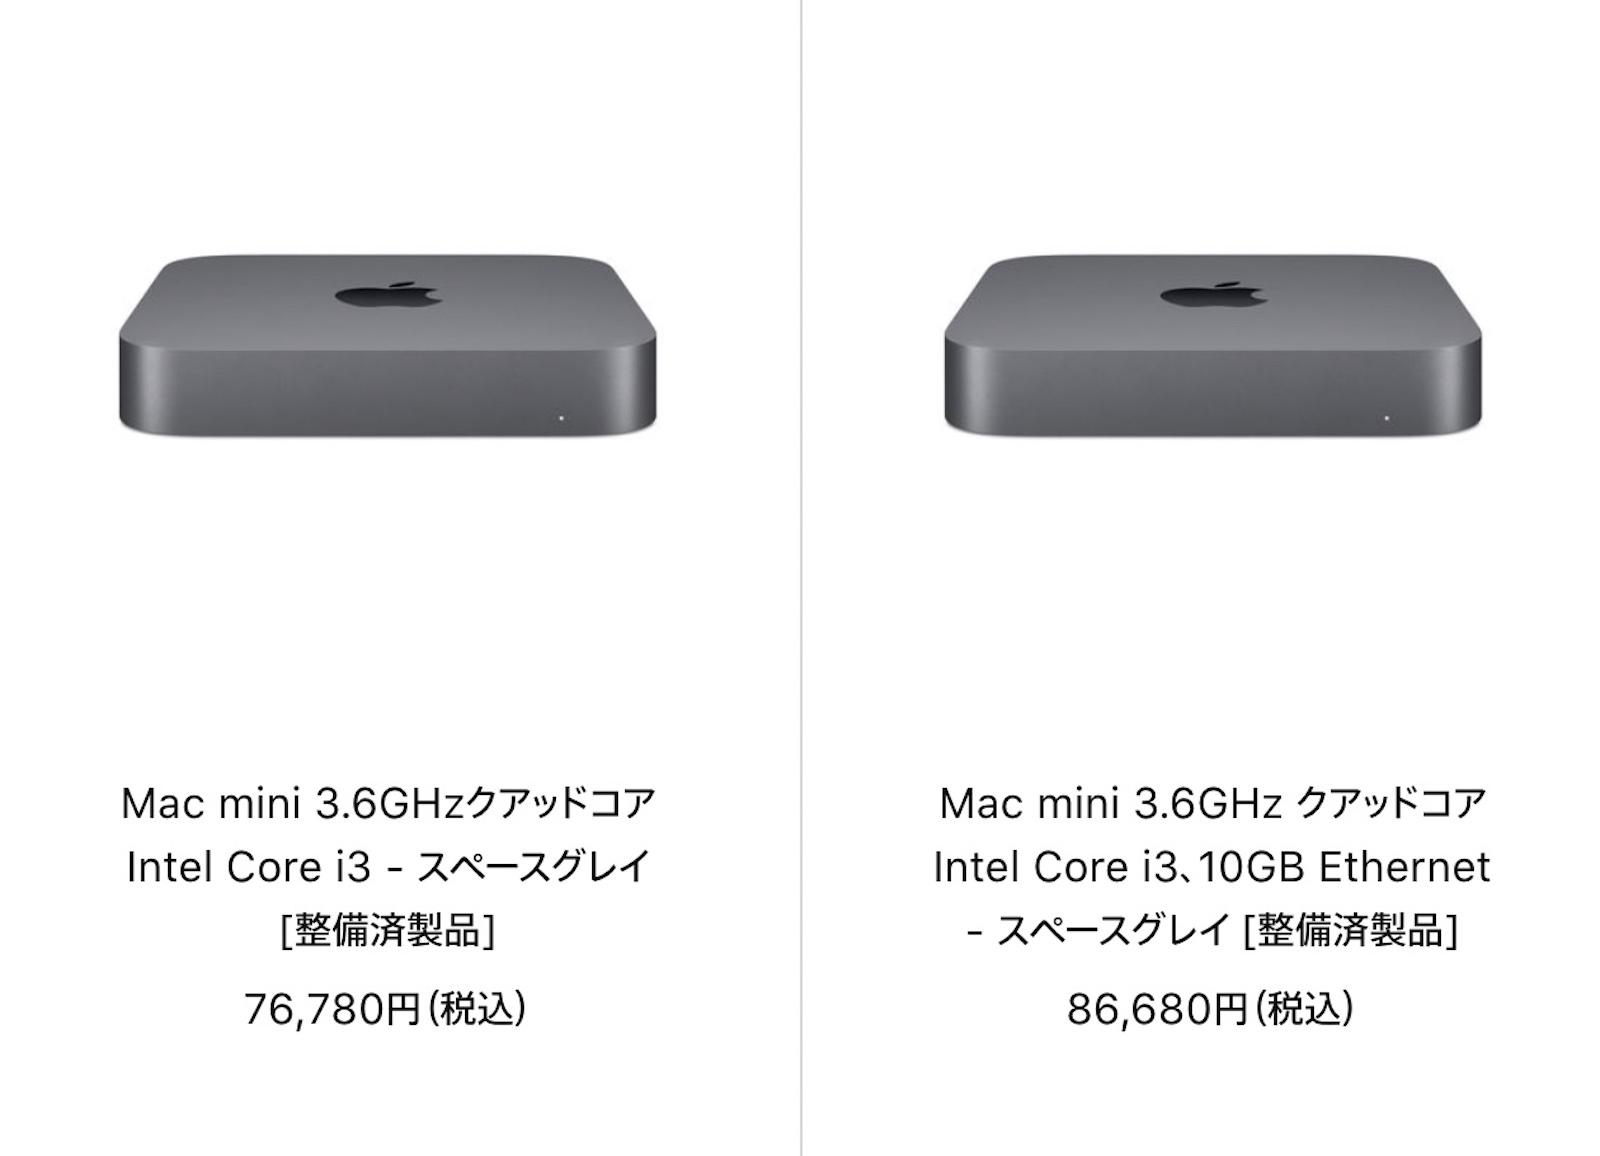 Mac Refurbished model 2021 09 17